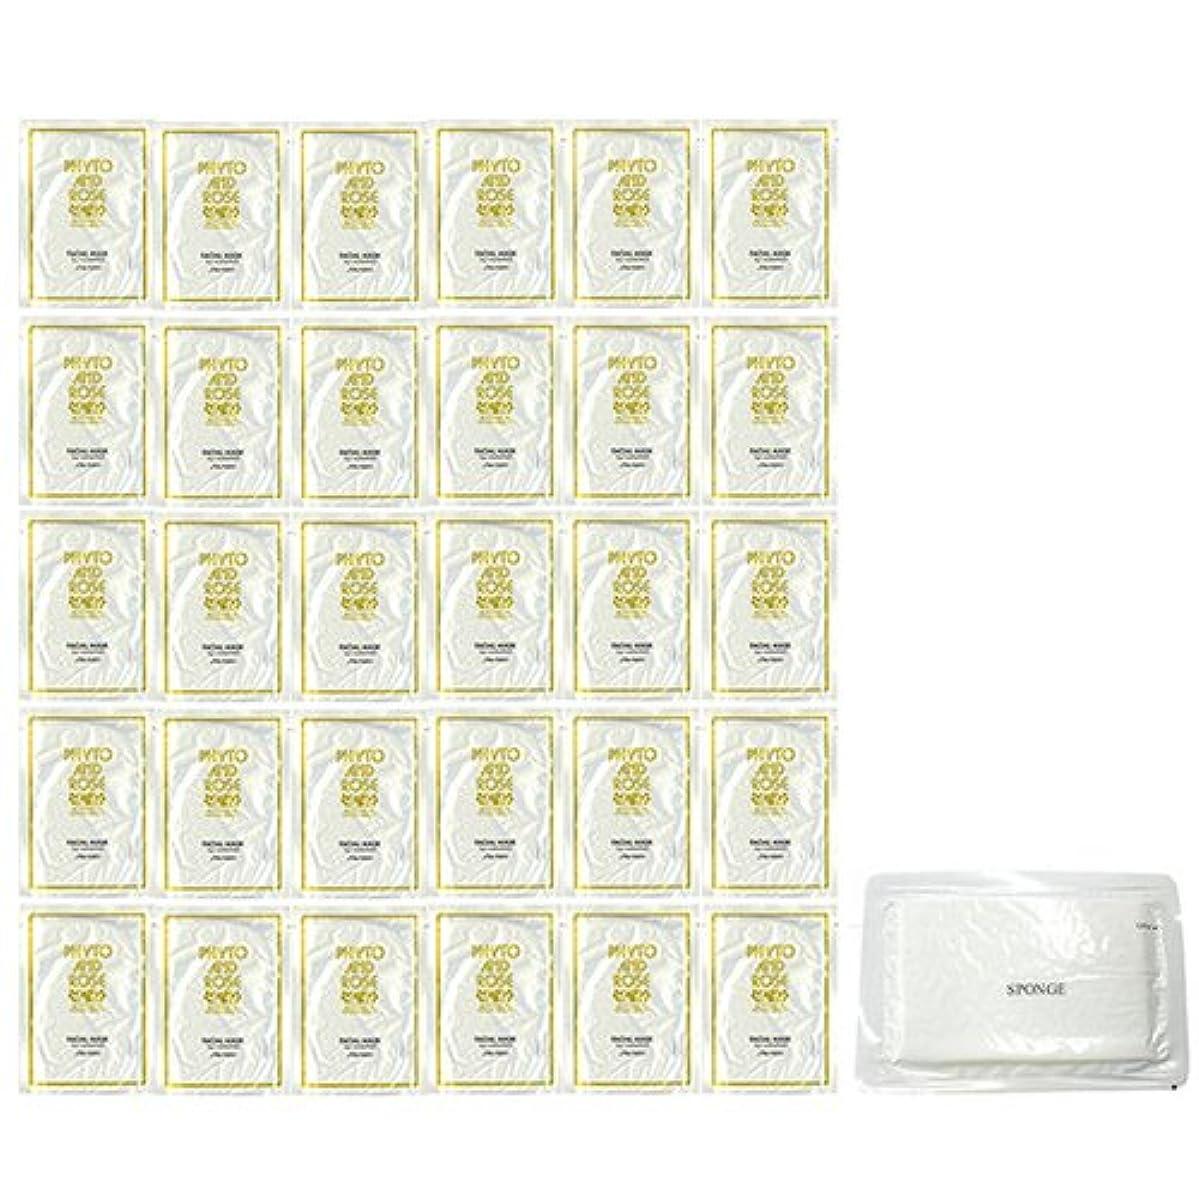 不誠実赤外線不要資生堂 フィト アンド ローズ パウチ ハンドアンドボディミルク 10ml × 30個 + 圧縮スポンジセット